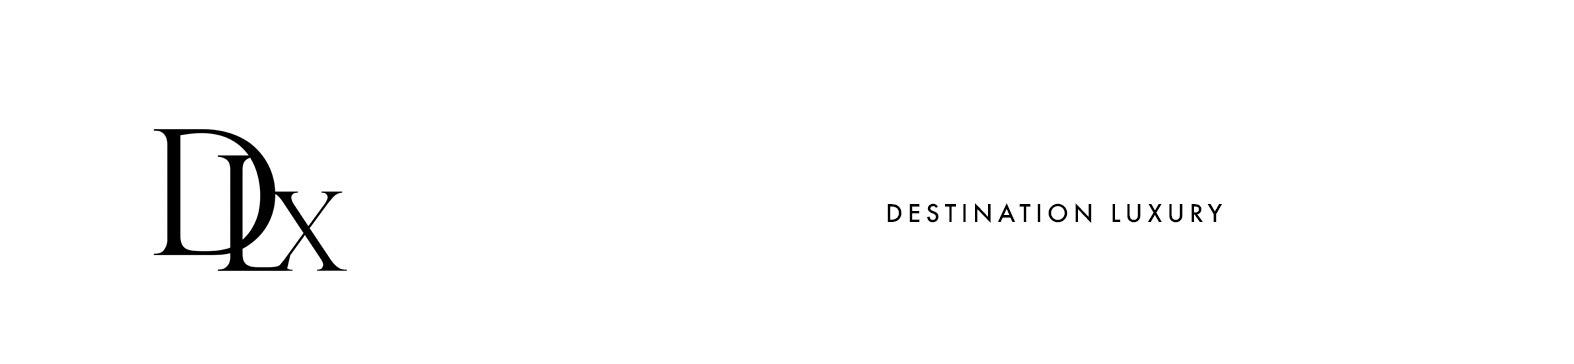 Destination Luxury logo